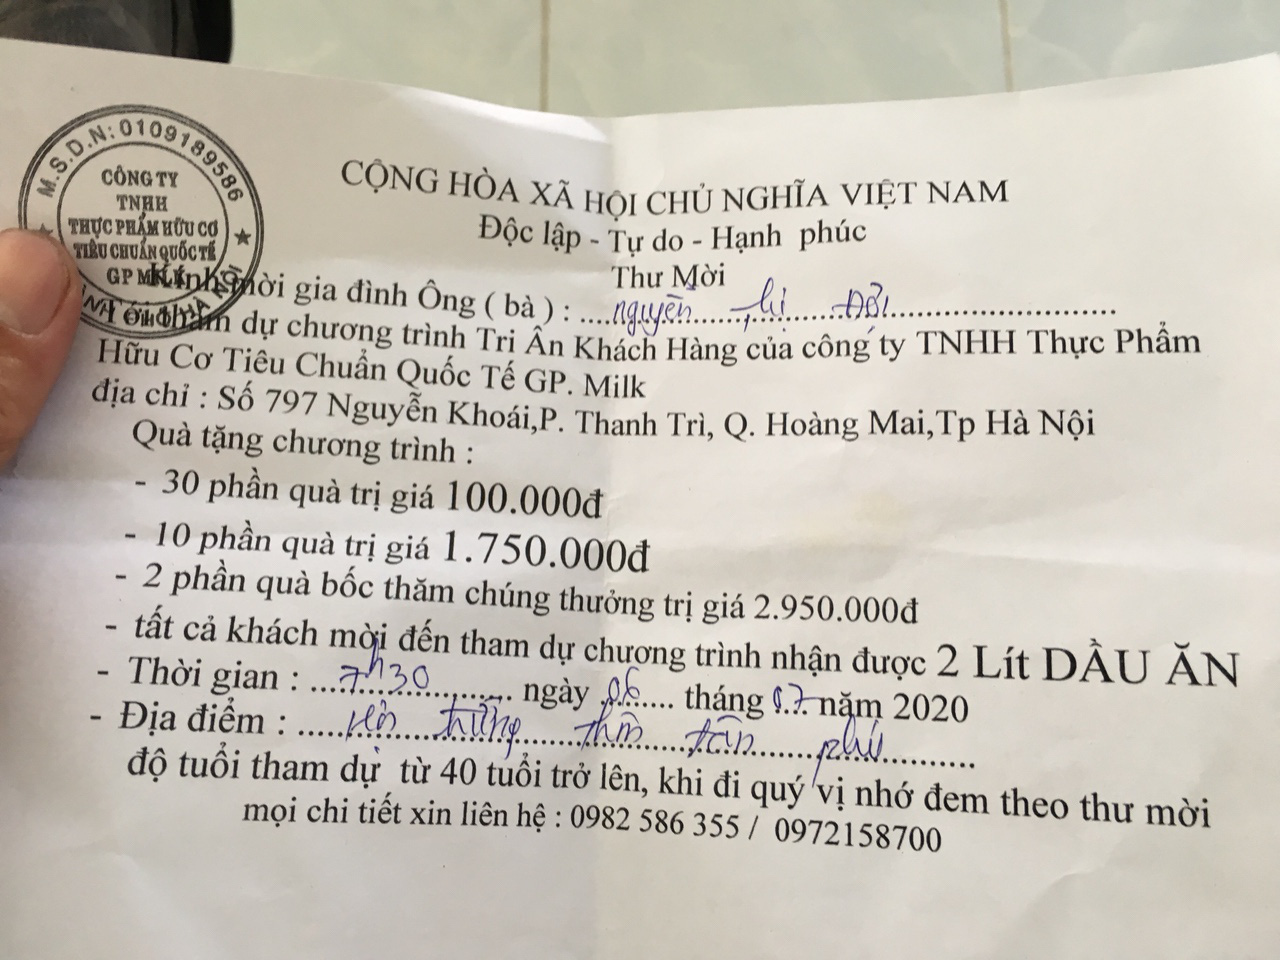 Khánh Hòa: Một doanh nghiệp bị tạm dừng phát quà tri ân cho người dân  - Ảnh 2.